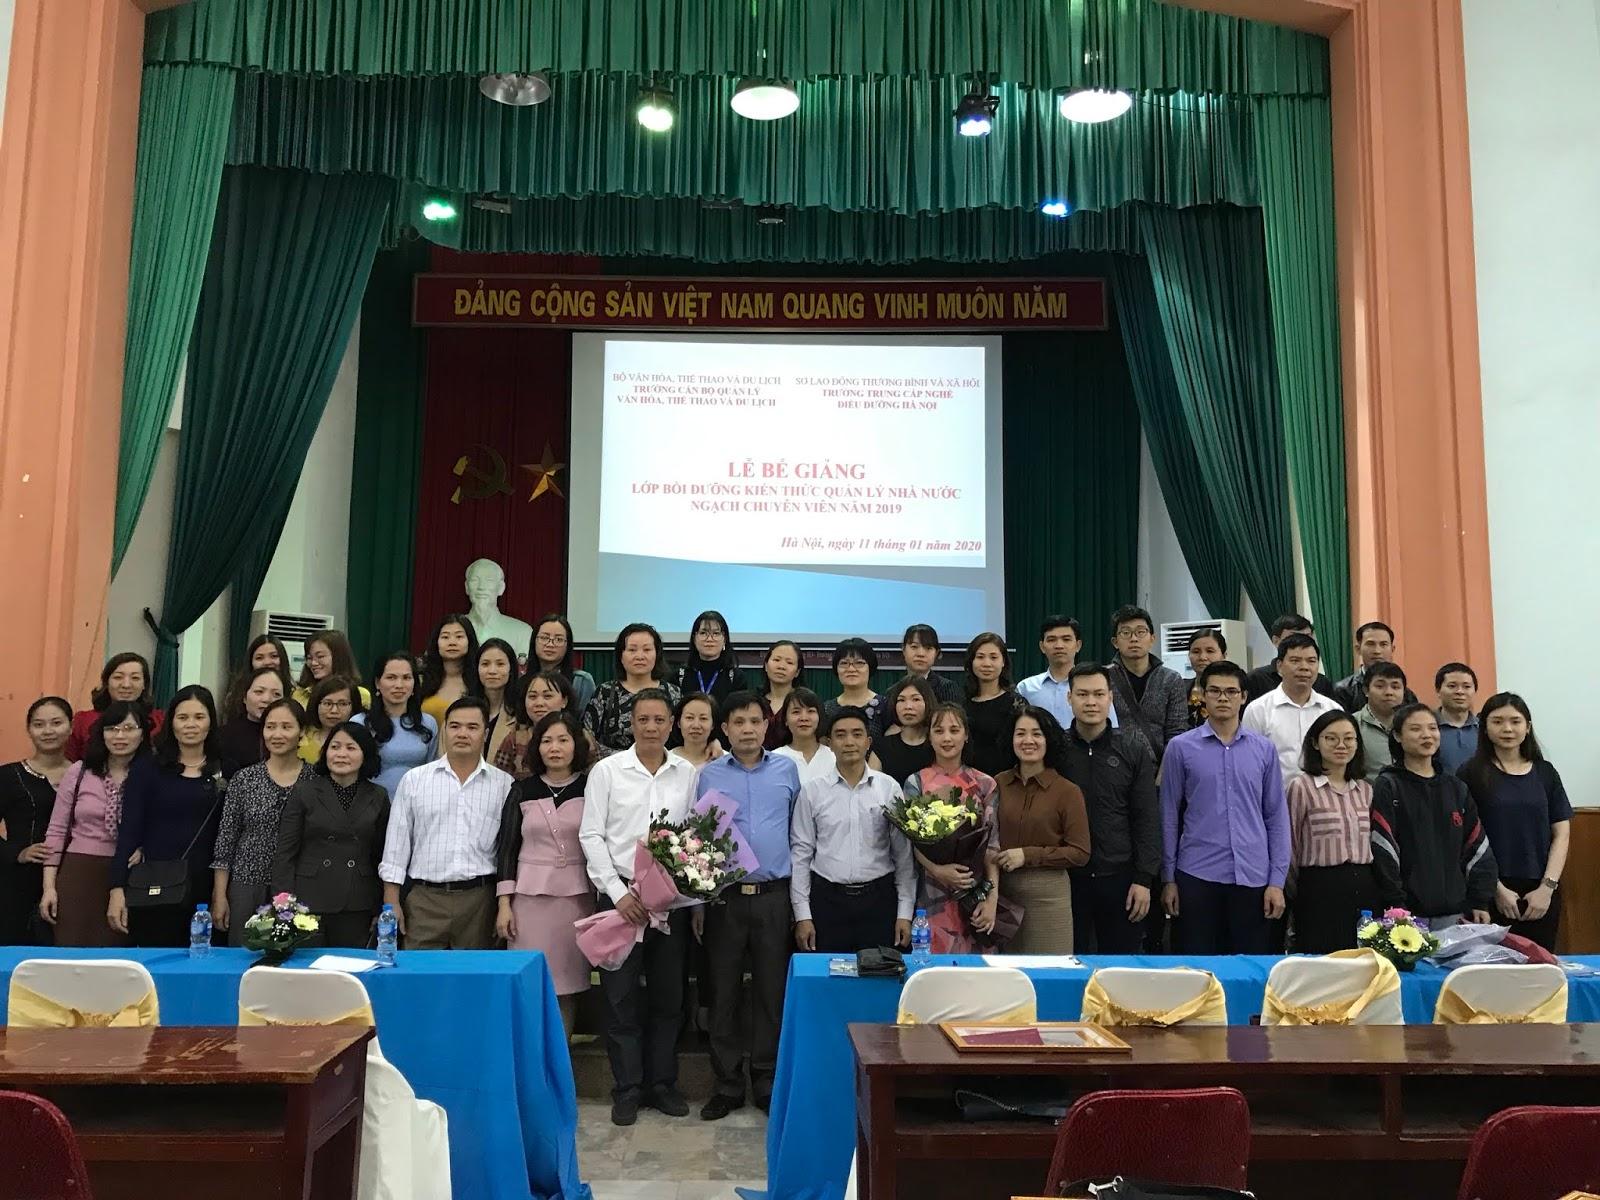 Lễ bế giảng Lớp Bồi dưỡng Kiến thức Quản lý Nhà nước Ngạch chuyên viên năm 2020